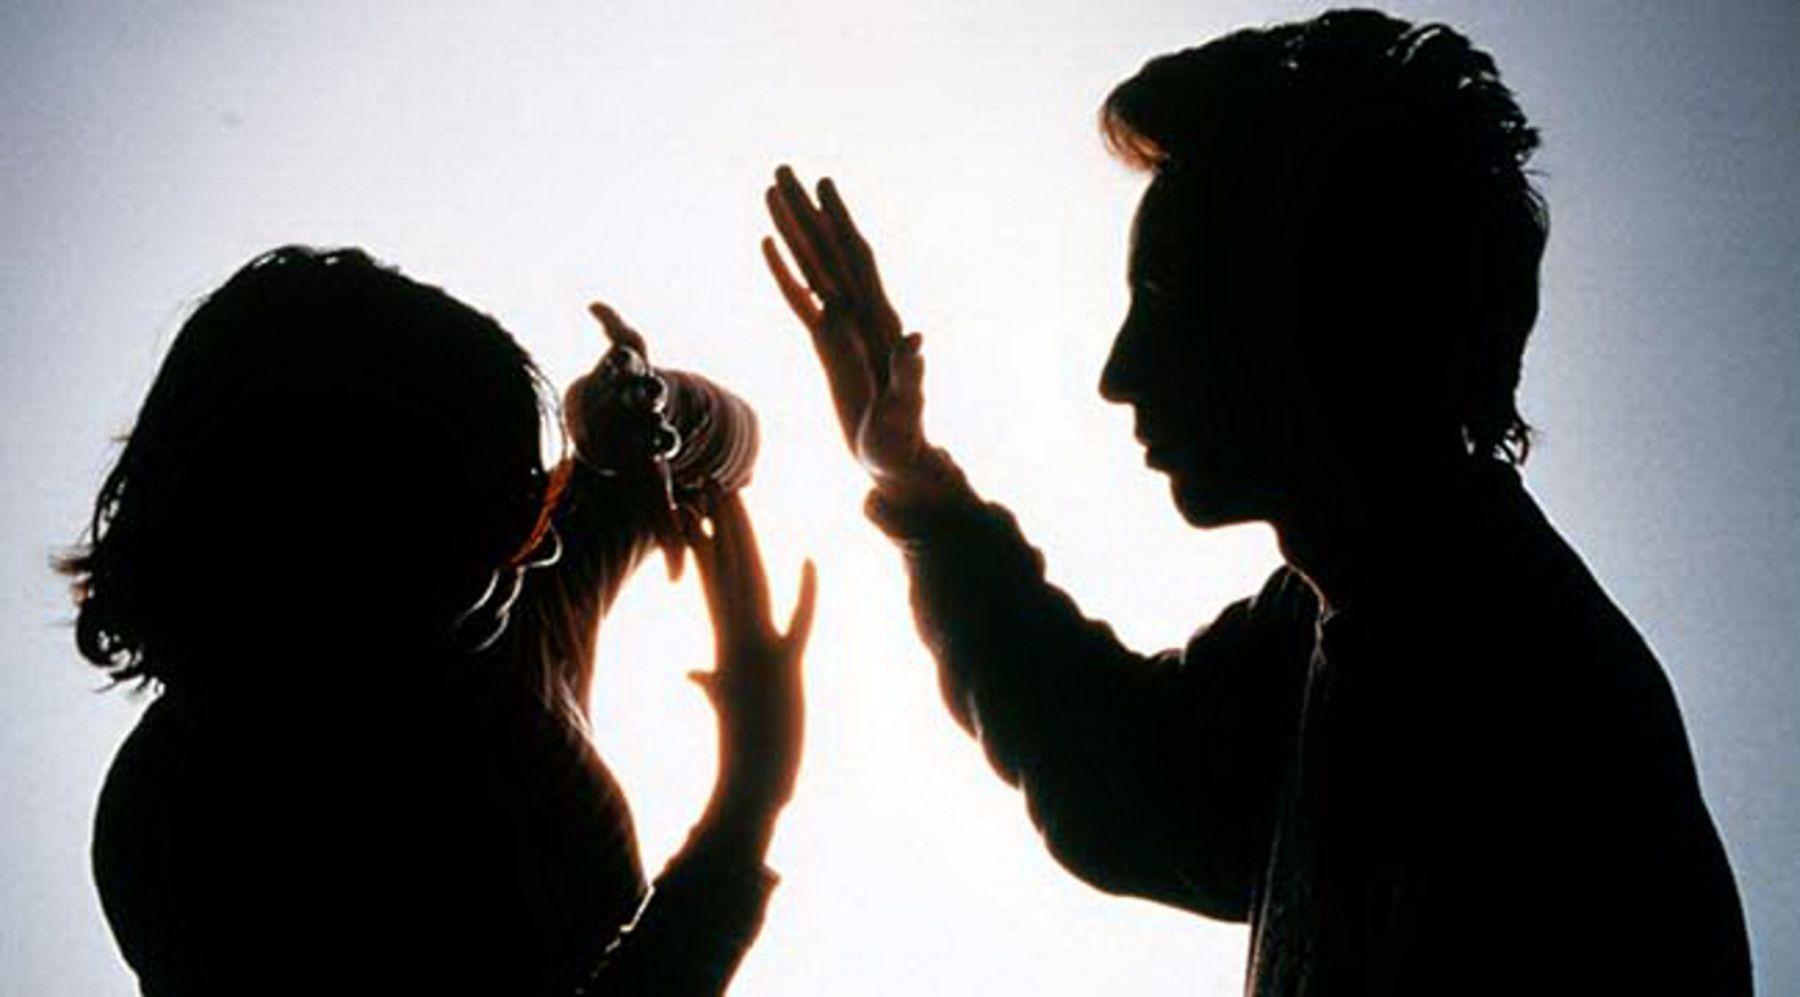 mujeres maltratadas por sus esposos: